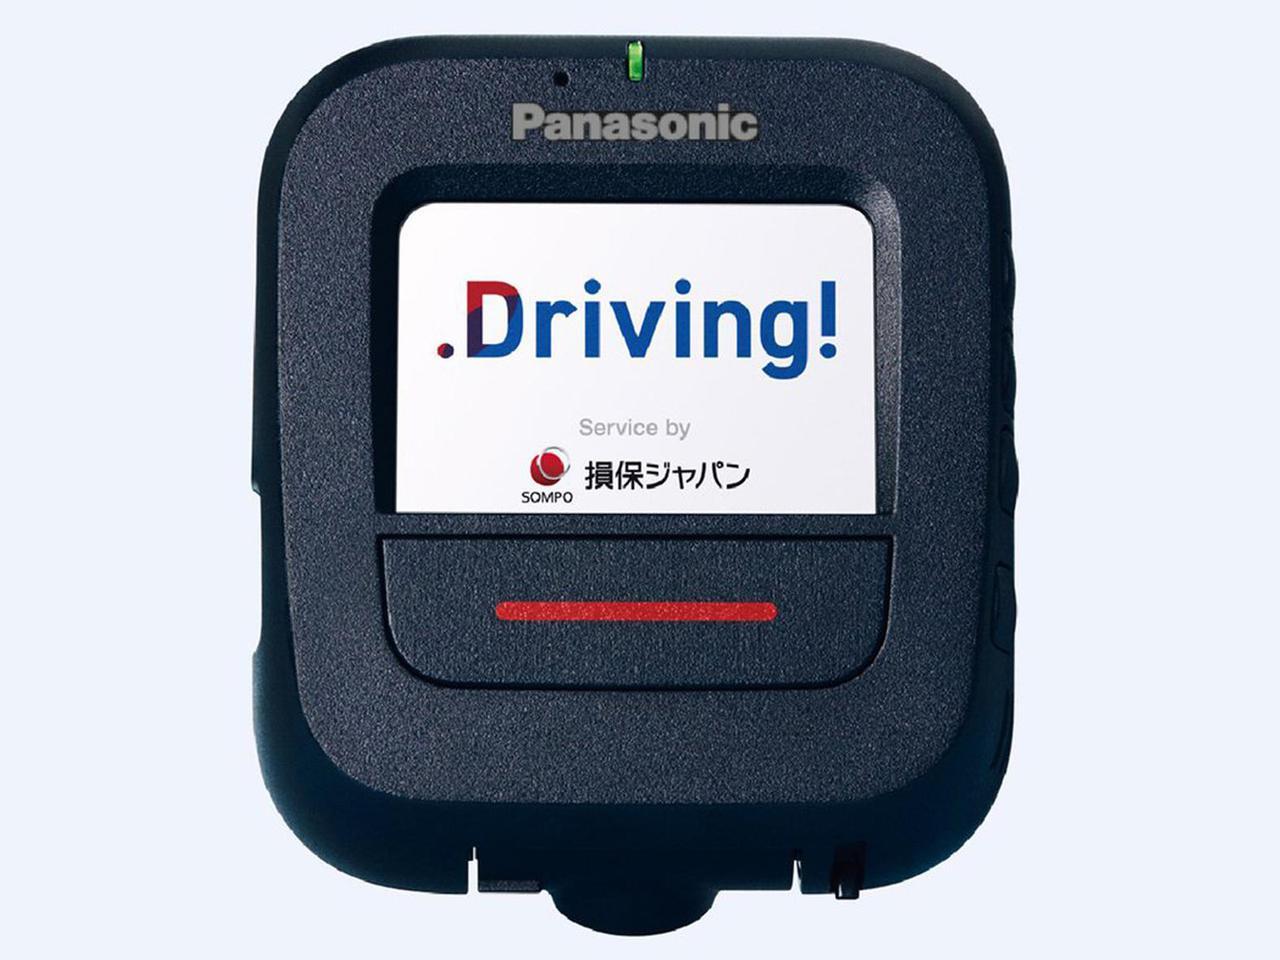 パナソニック製ドラレコを活用した自動車保険特約「ドライビング!」が安全・安心を提供する